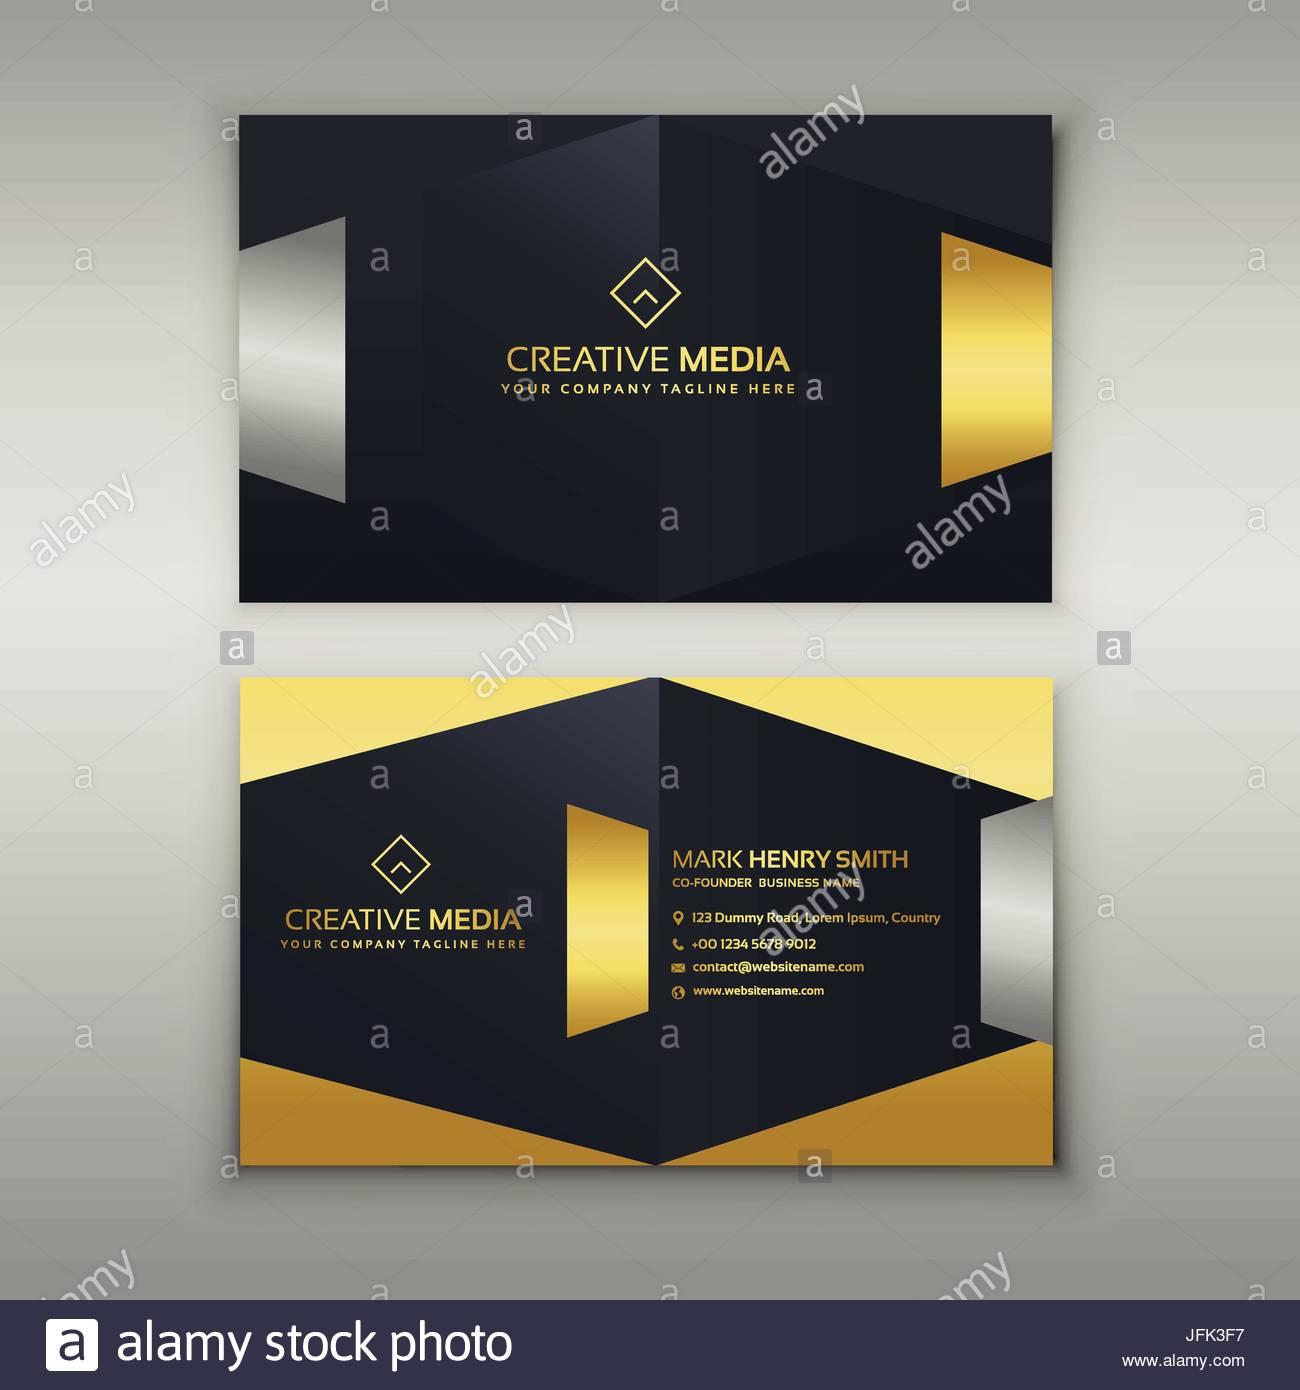 Premium Luxus Visitenkarten Design Vorlage Vektor Abbildung